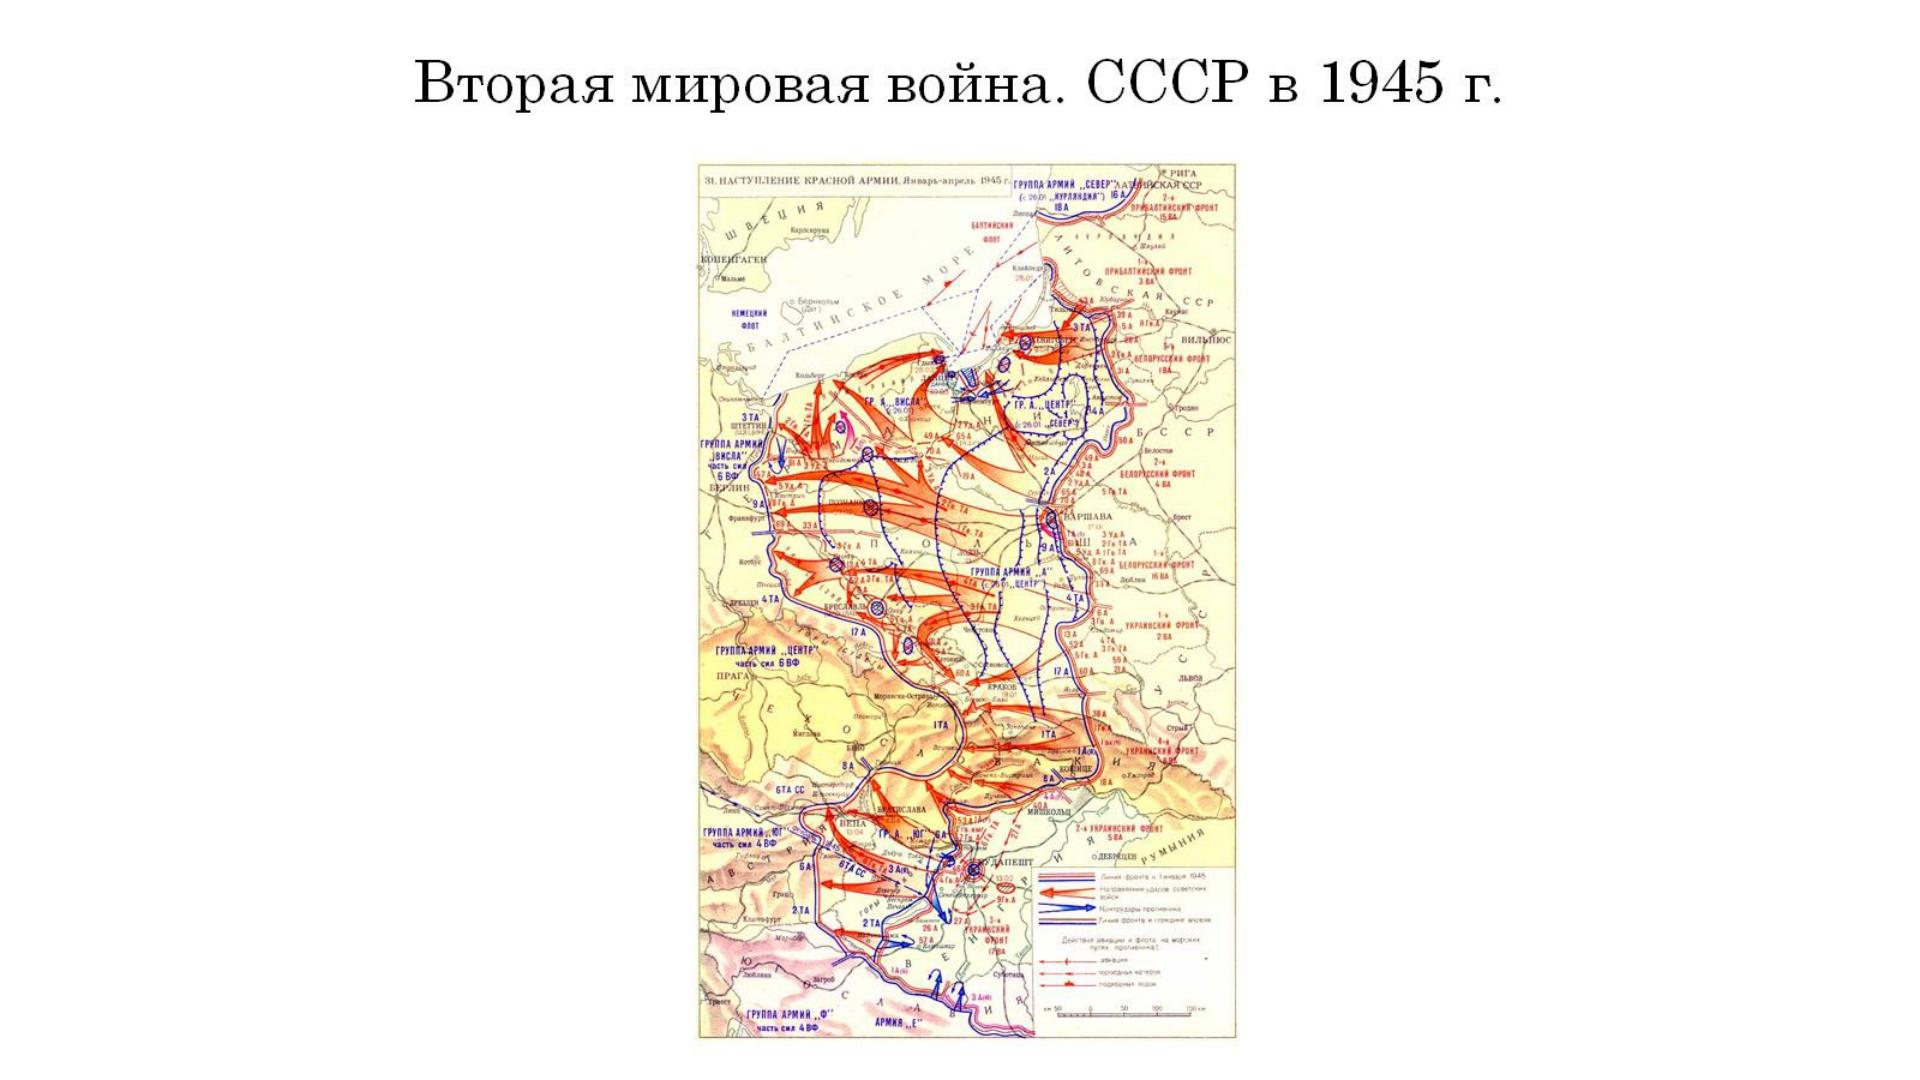 Вторая мировая война. СССР в 1945 г.